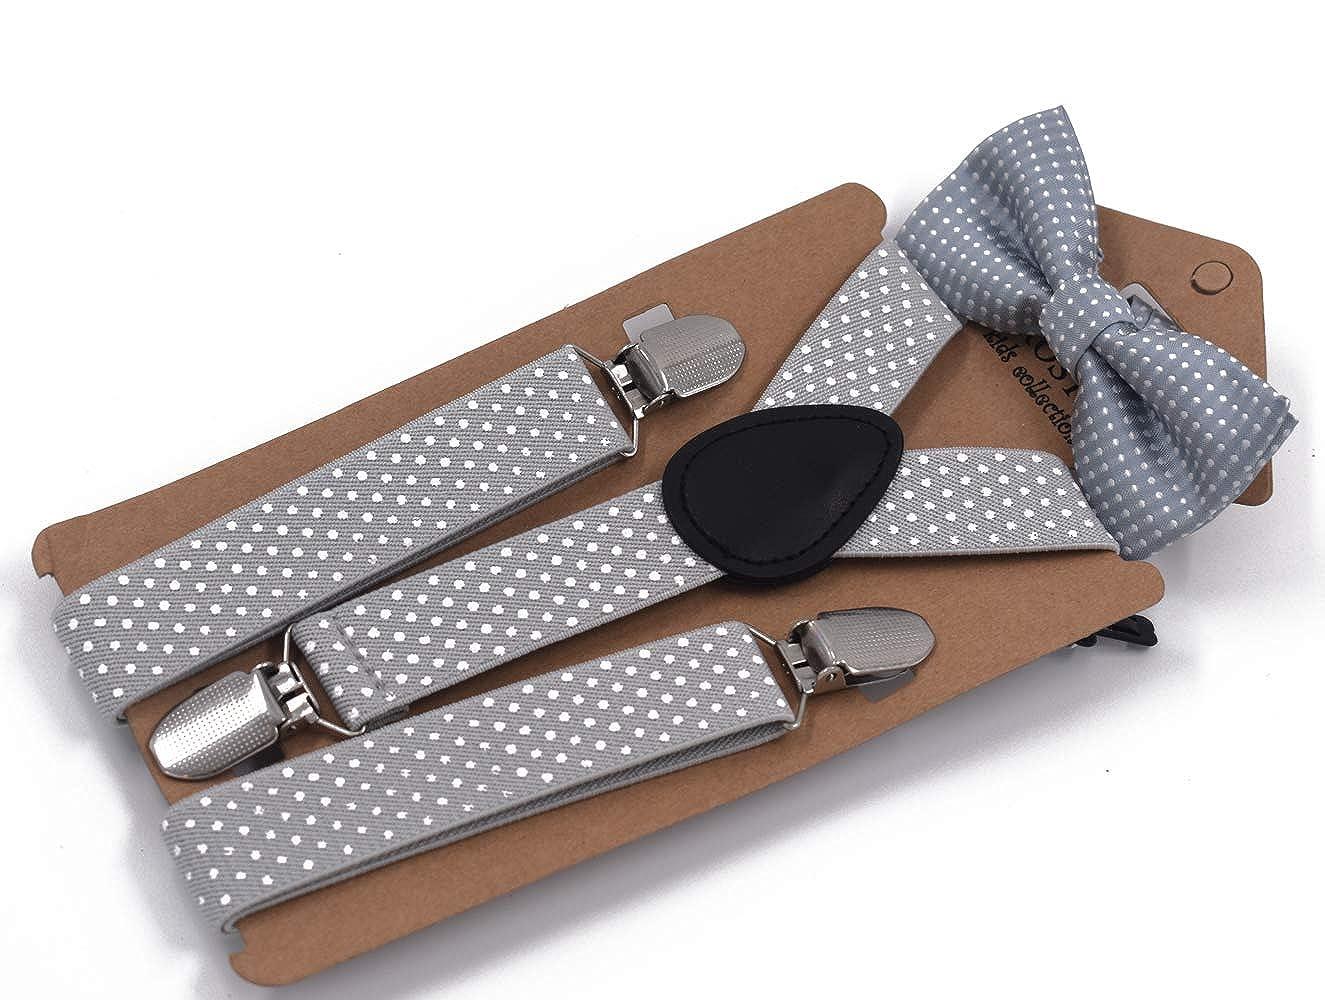 Adjustable Suspender Set for Boys Donald Home Child Kids Polka Dot Suspender Bowtie Set